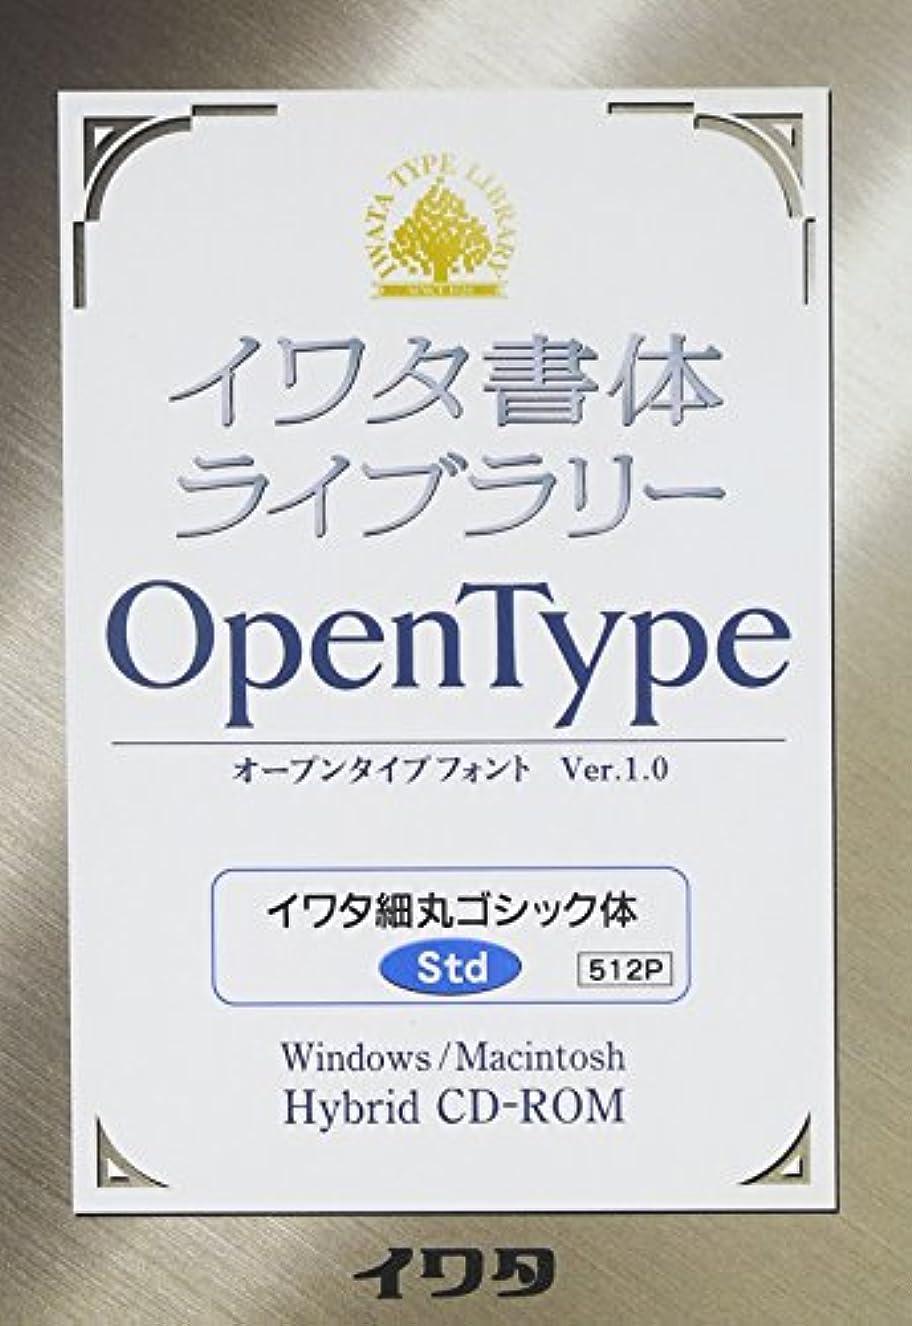 イワタ書体ライブラリーOpenType(Std版) イワタ細丸ゴシック体